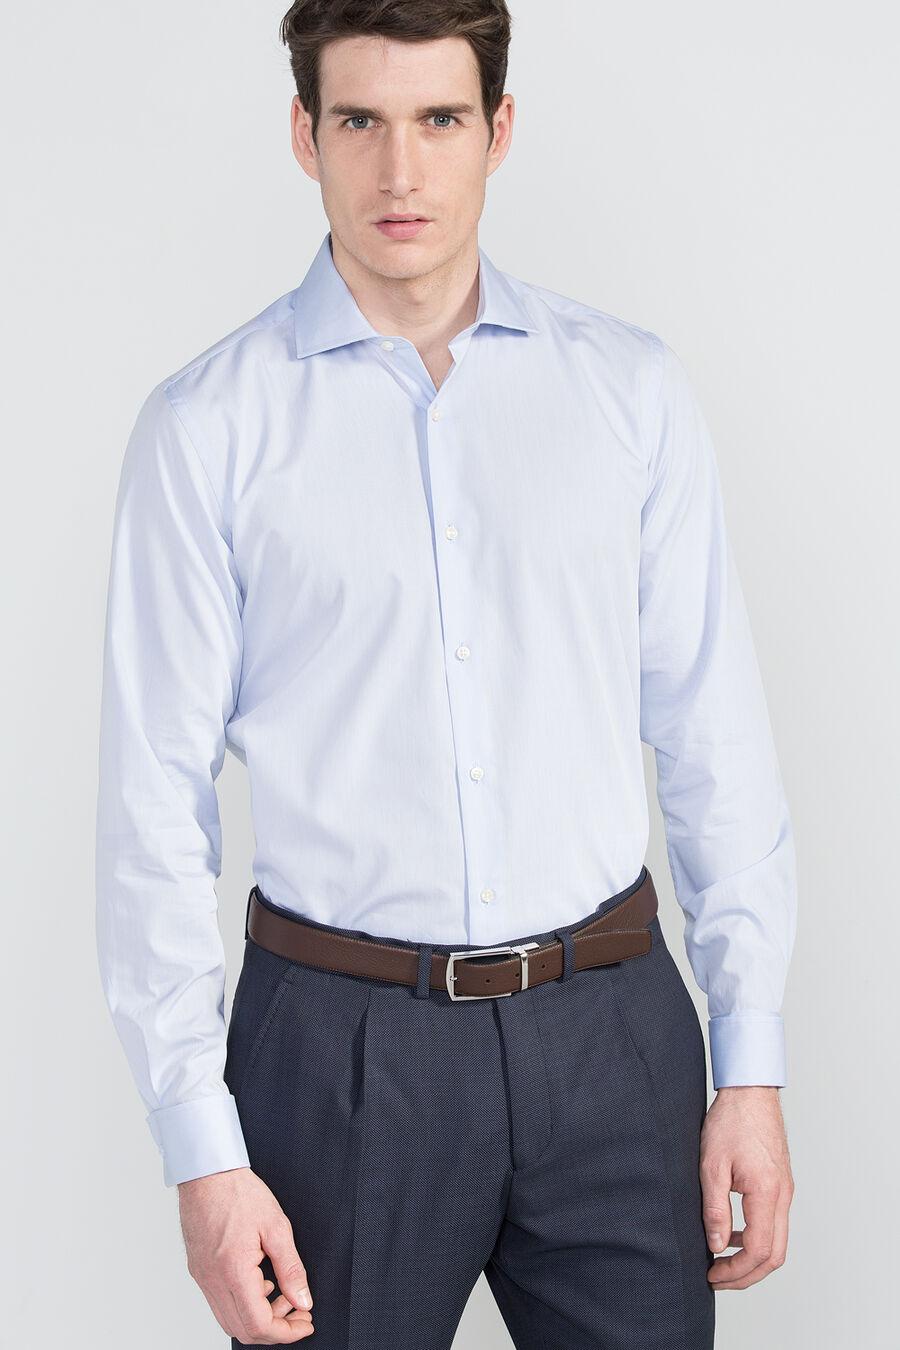 Plain tailored dress shirt